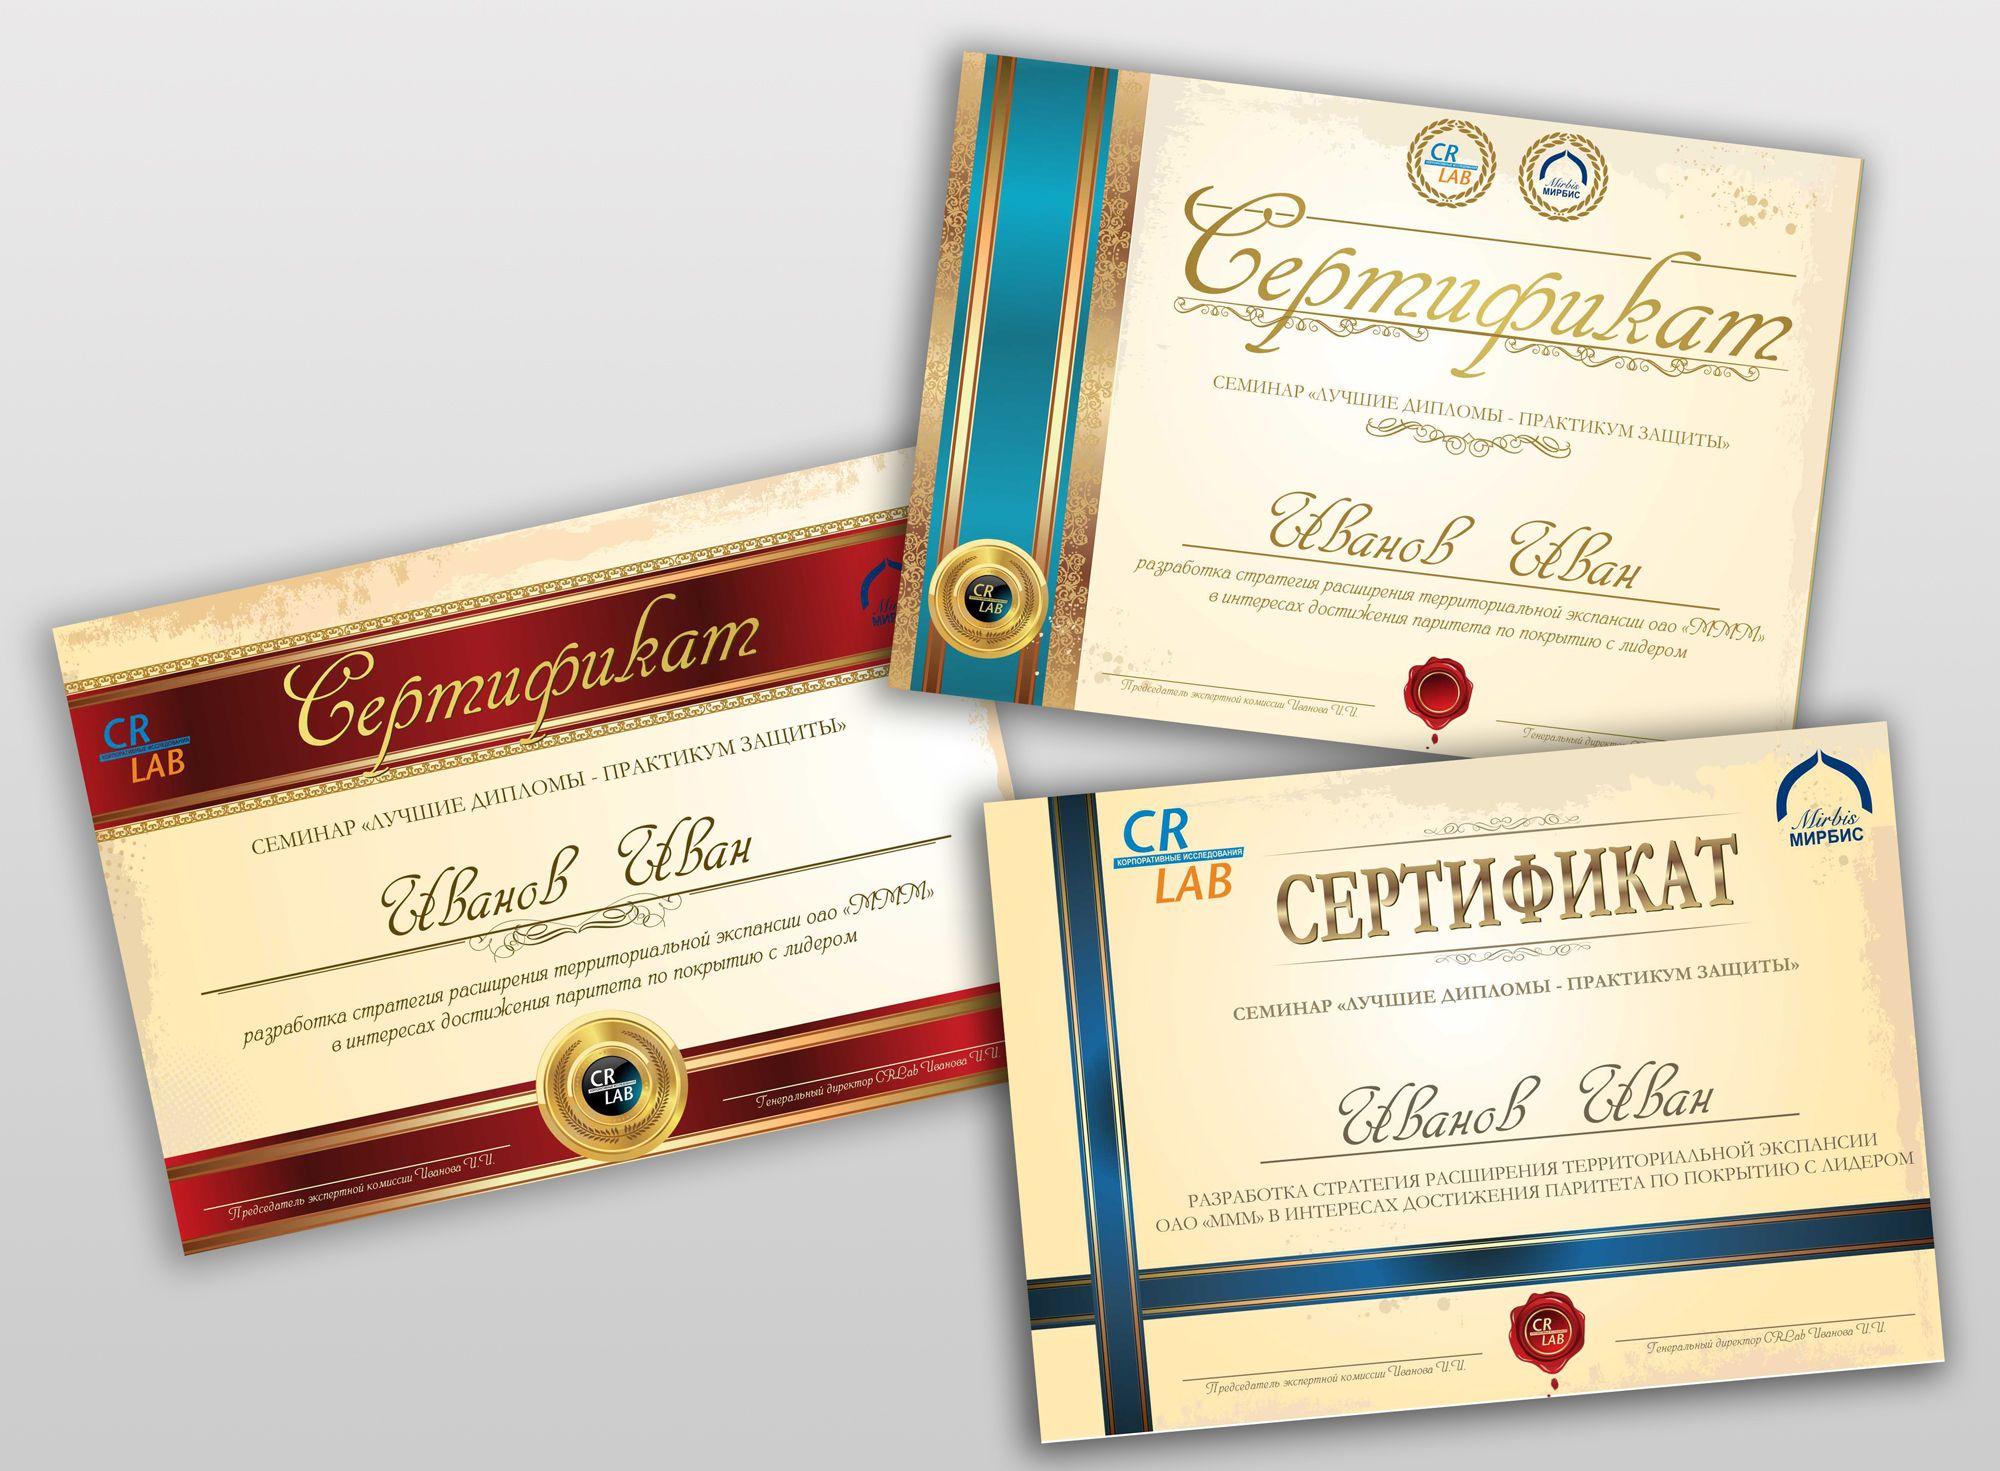 Дизайн сертификата\диплома\грамоты - дизайнер st3g